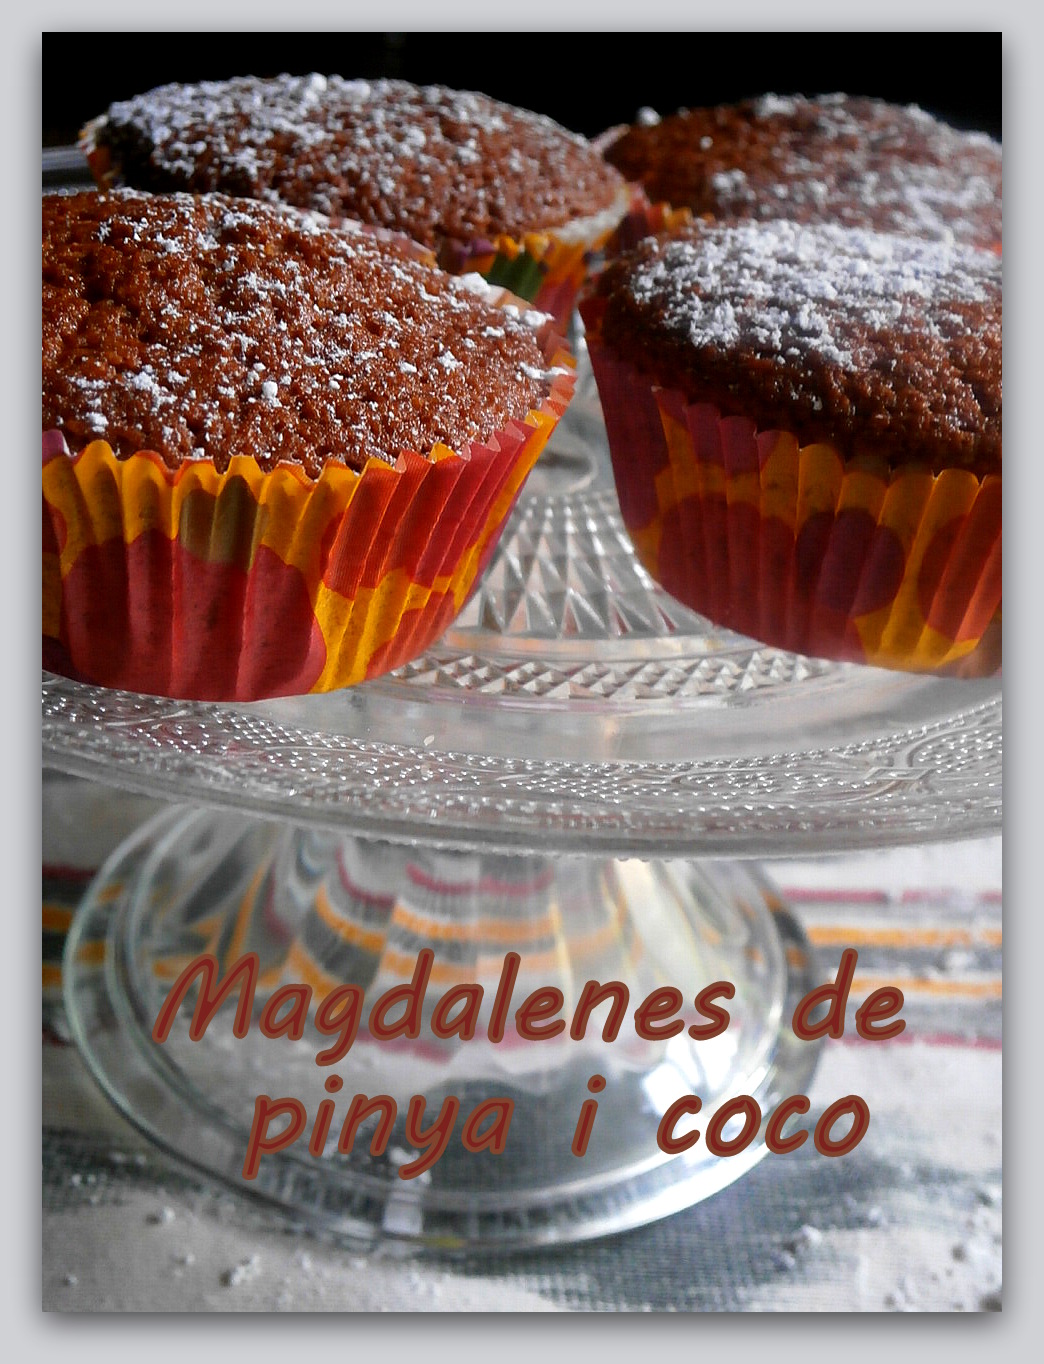 Magdalenas coco